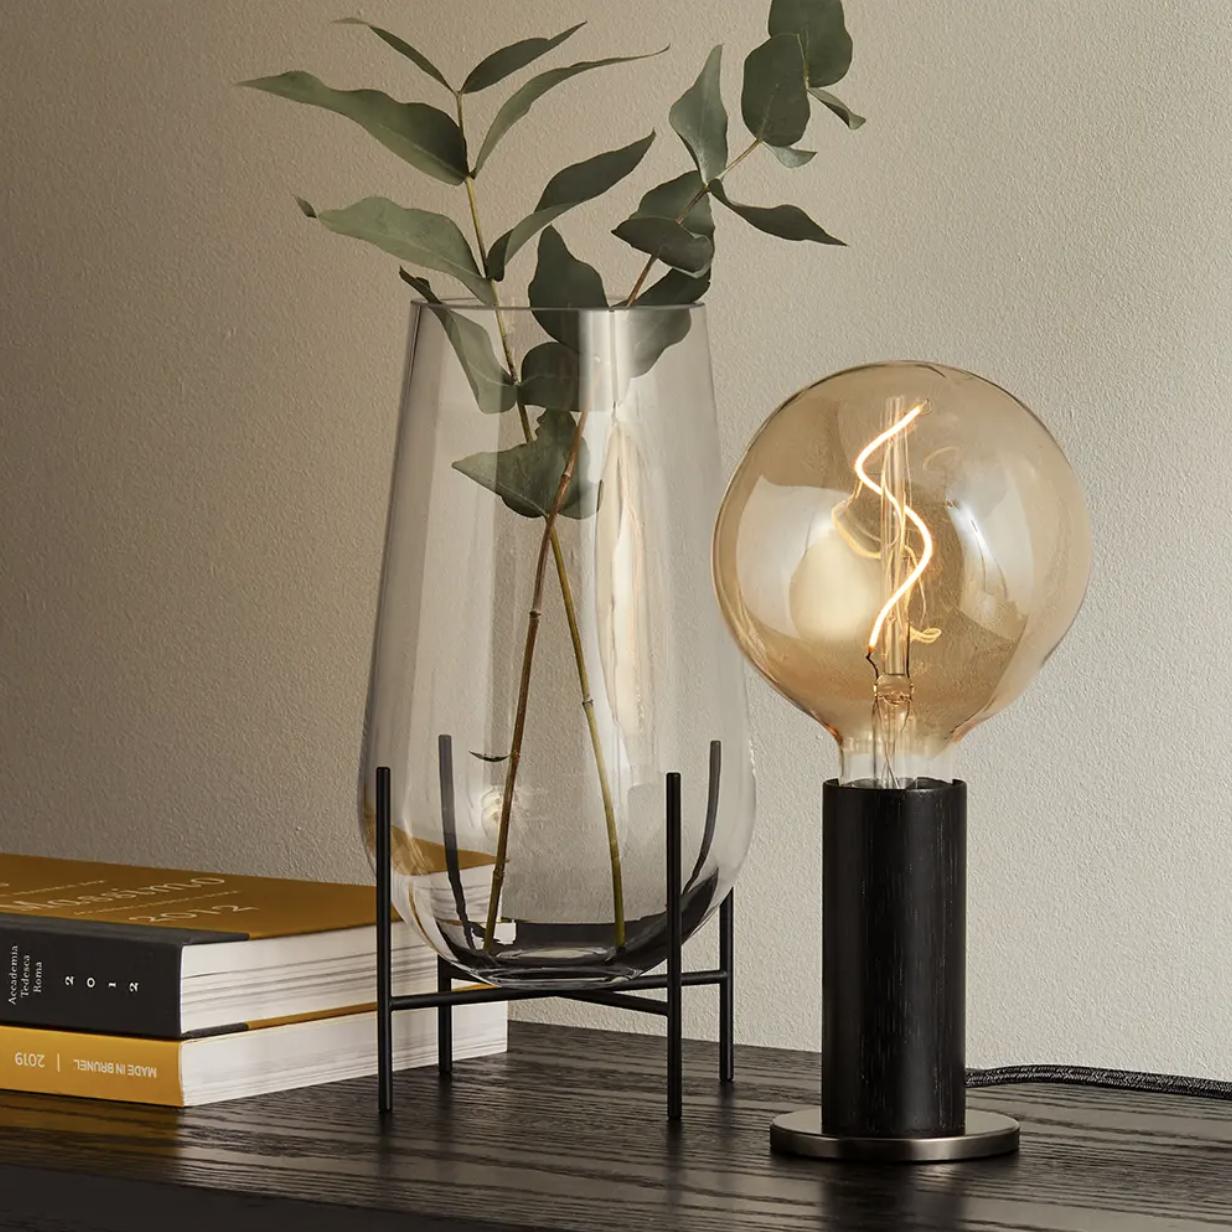 Blackened Knuckle Table Lamp